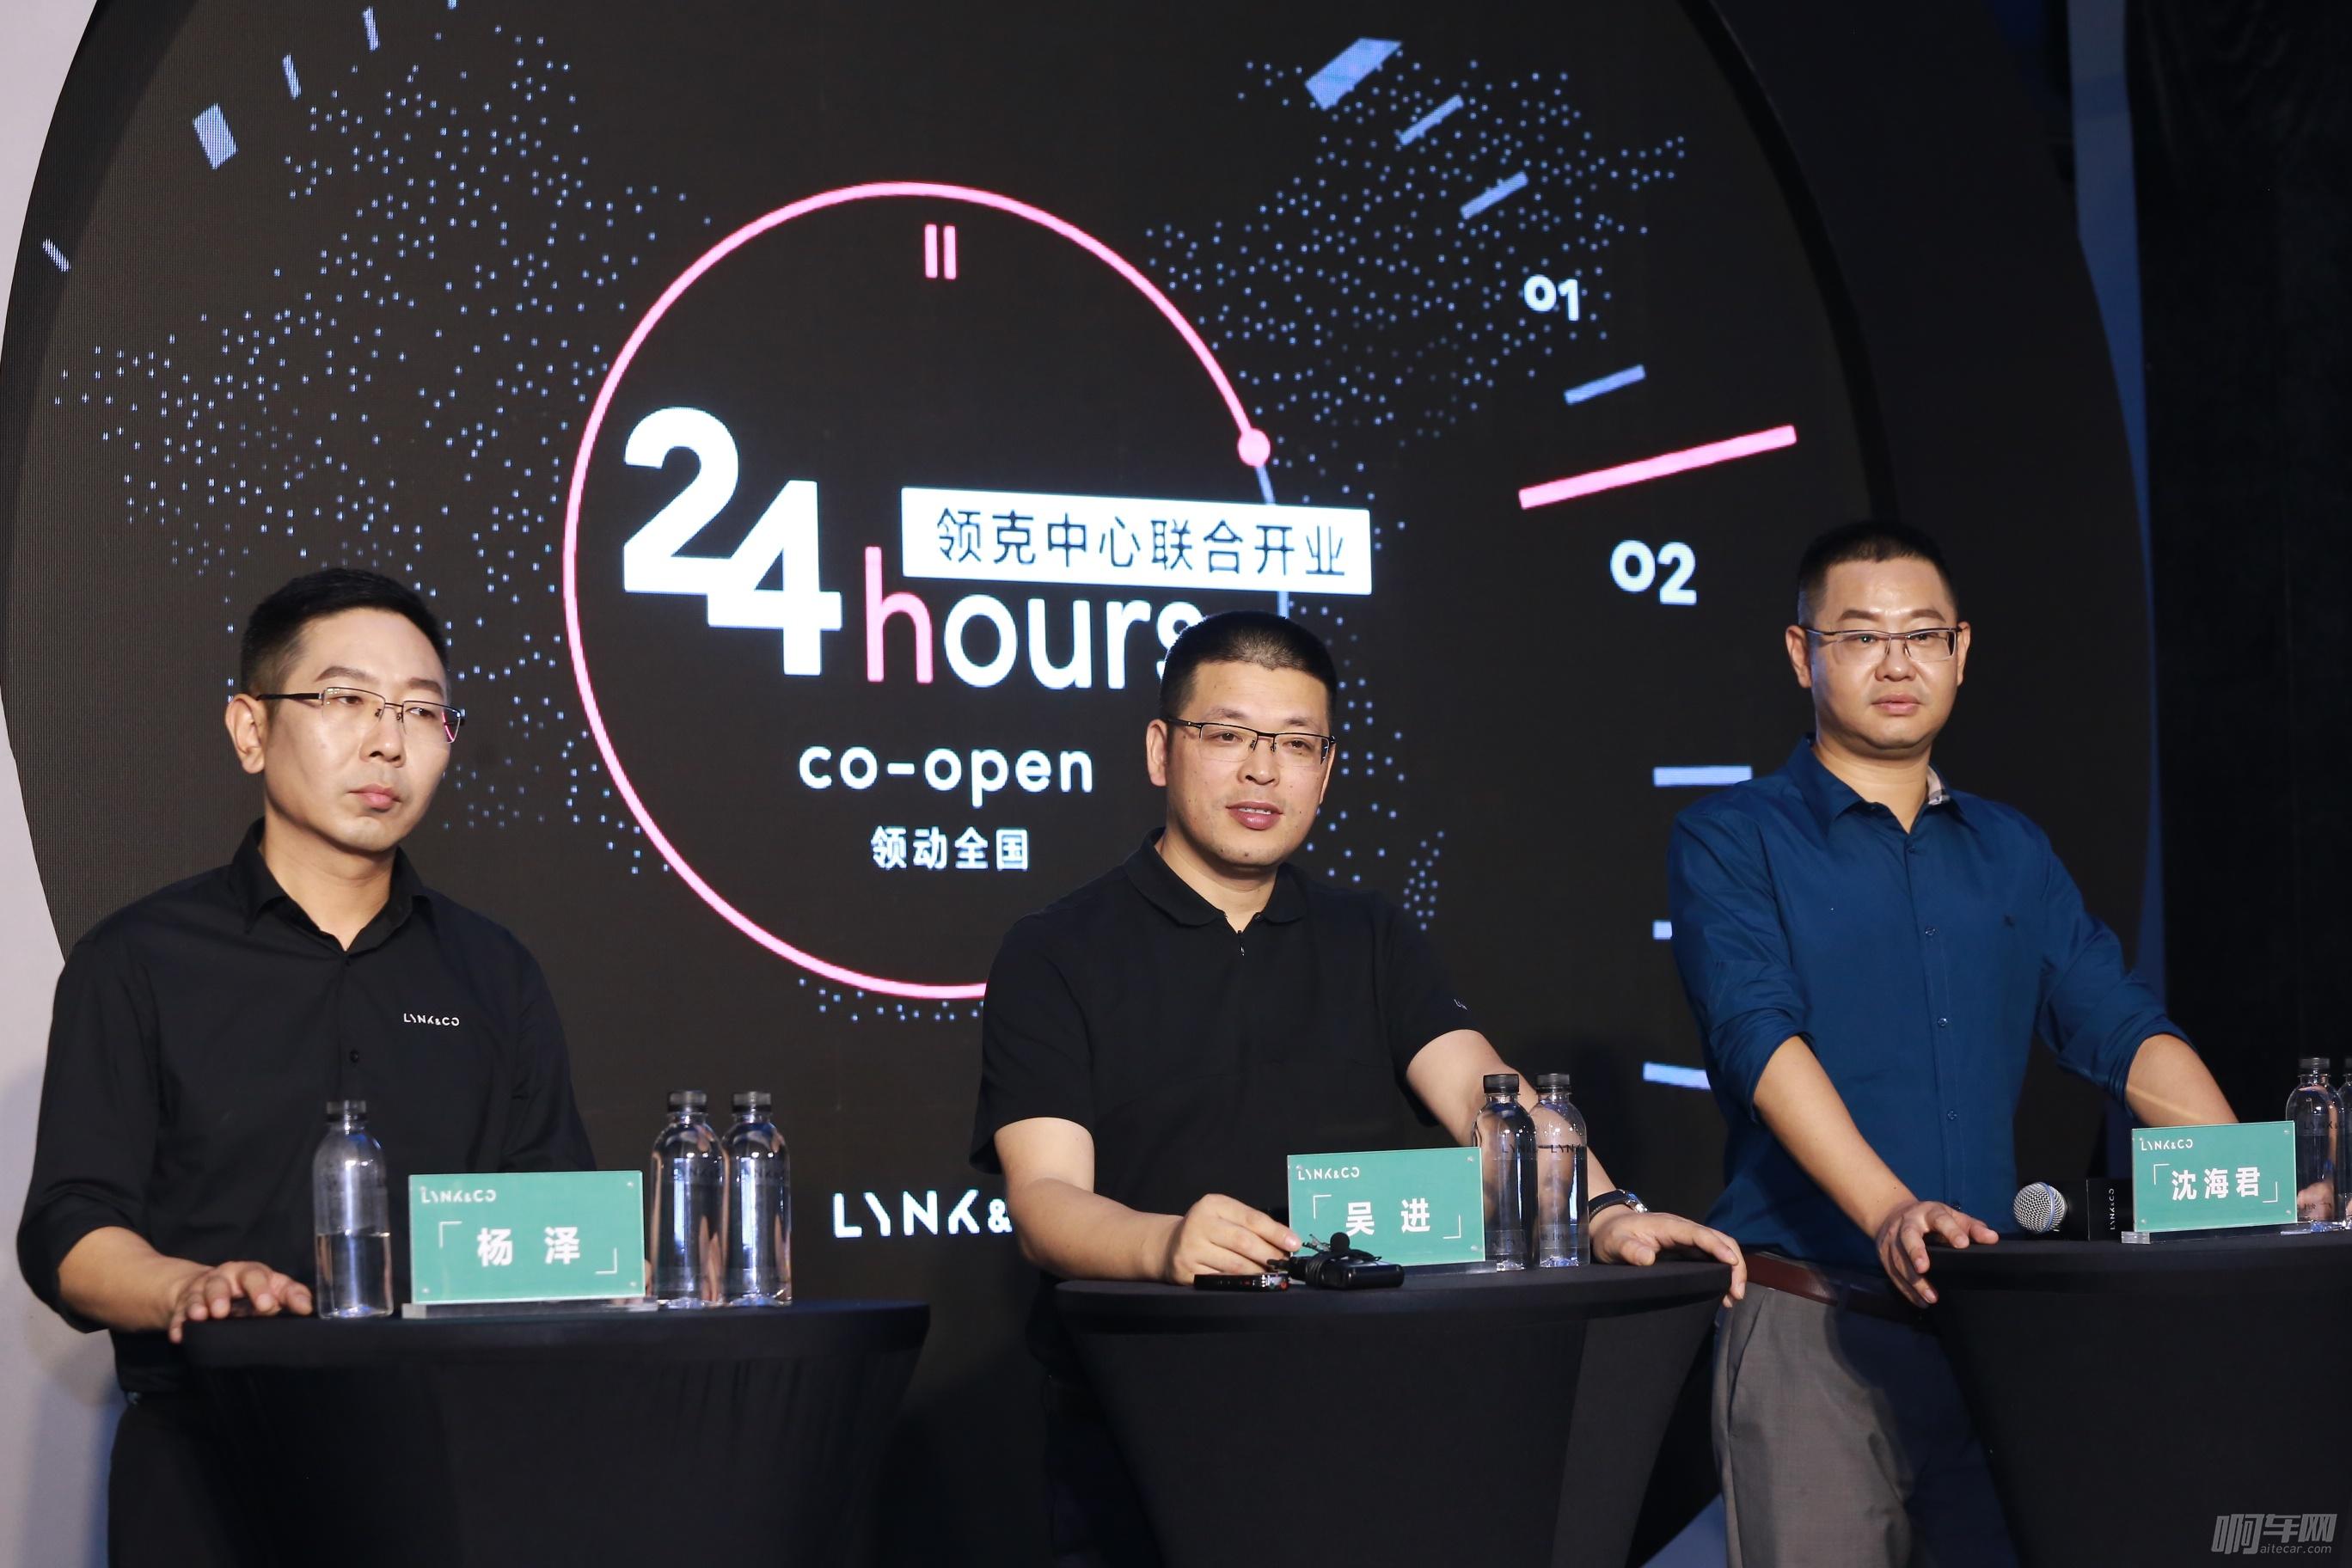 独创升级,6S模式领动全国 24家领克中心联合开业 销售网点破百发力